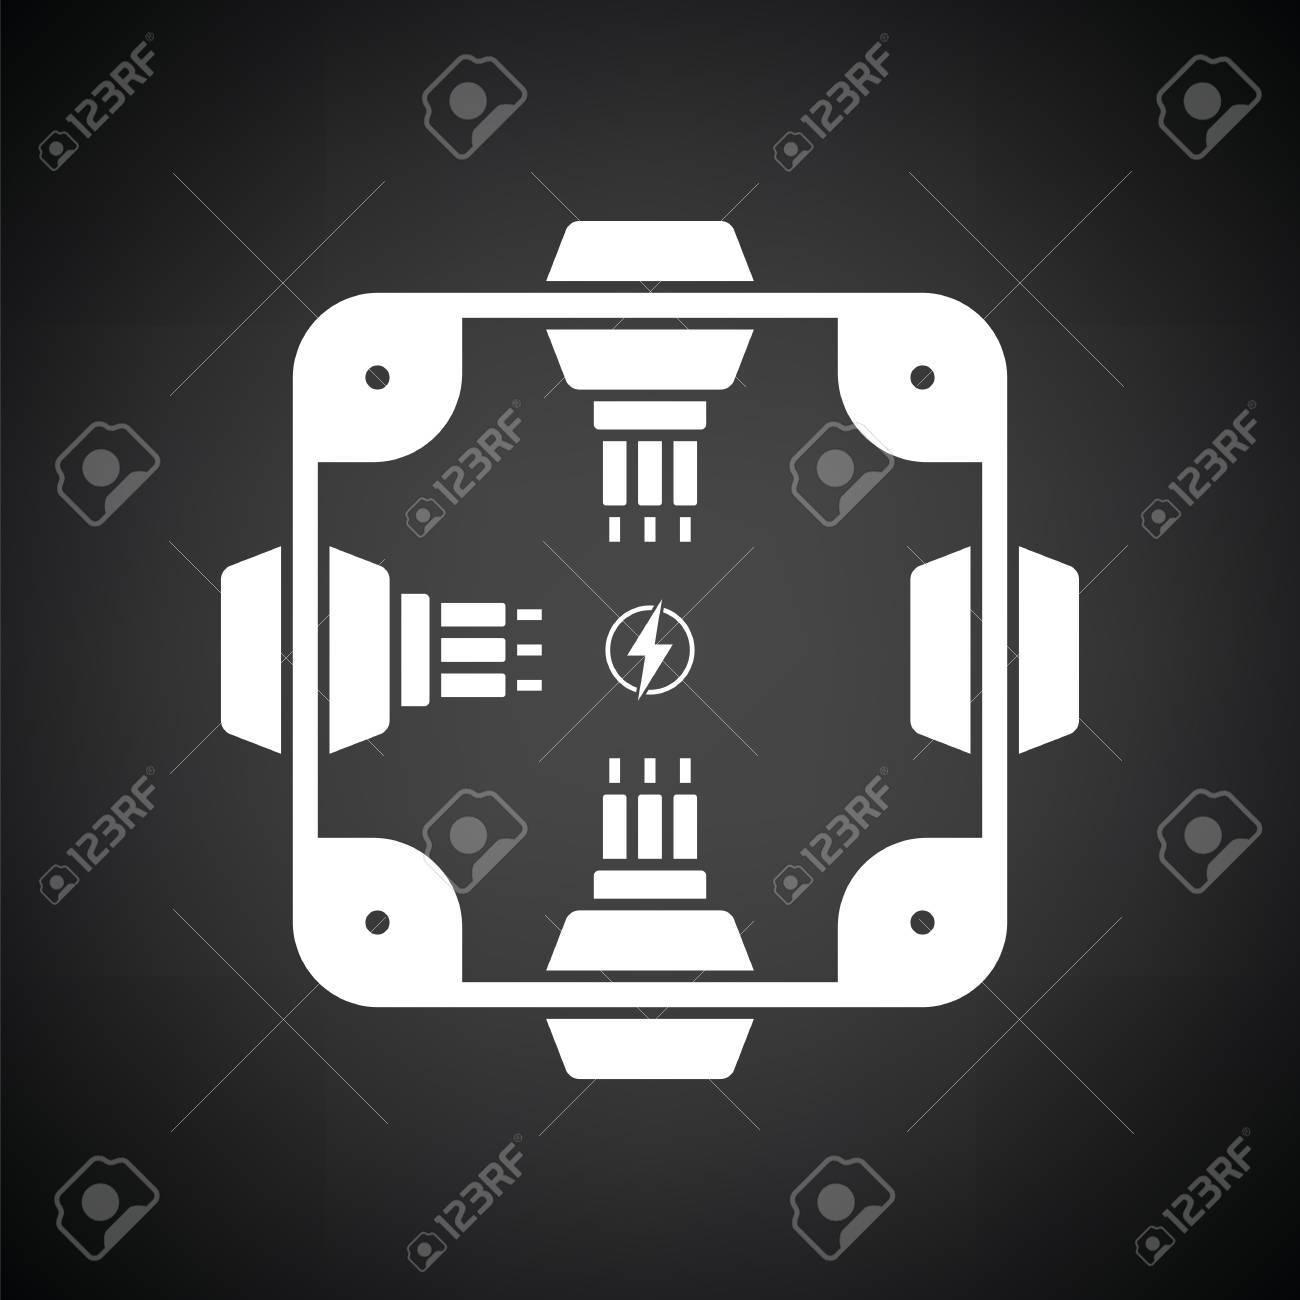 Ziemlich Schaltplan Anschlussdose Bilder - Elektrische Schaltplan ...